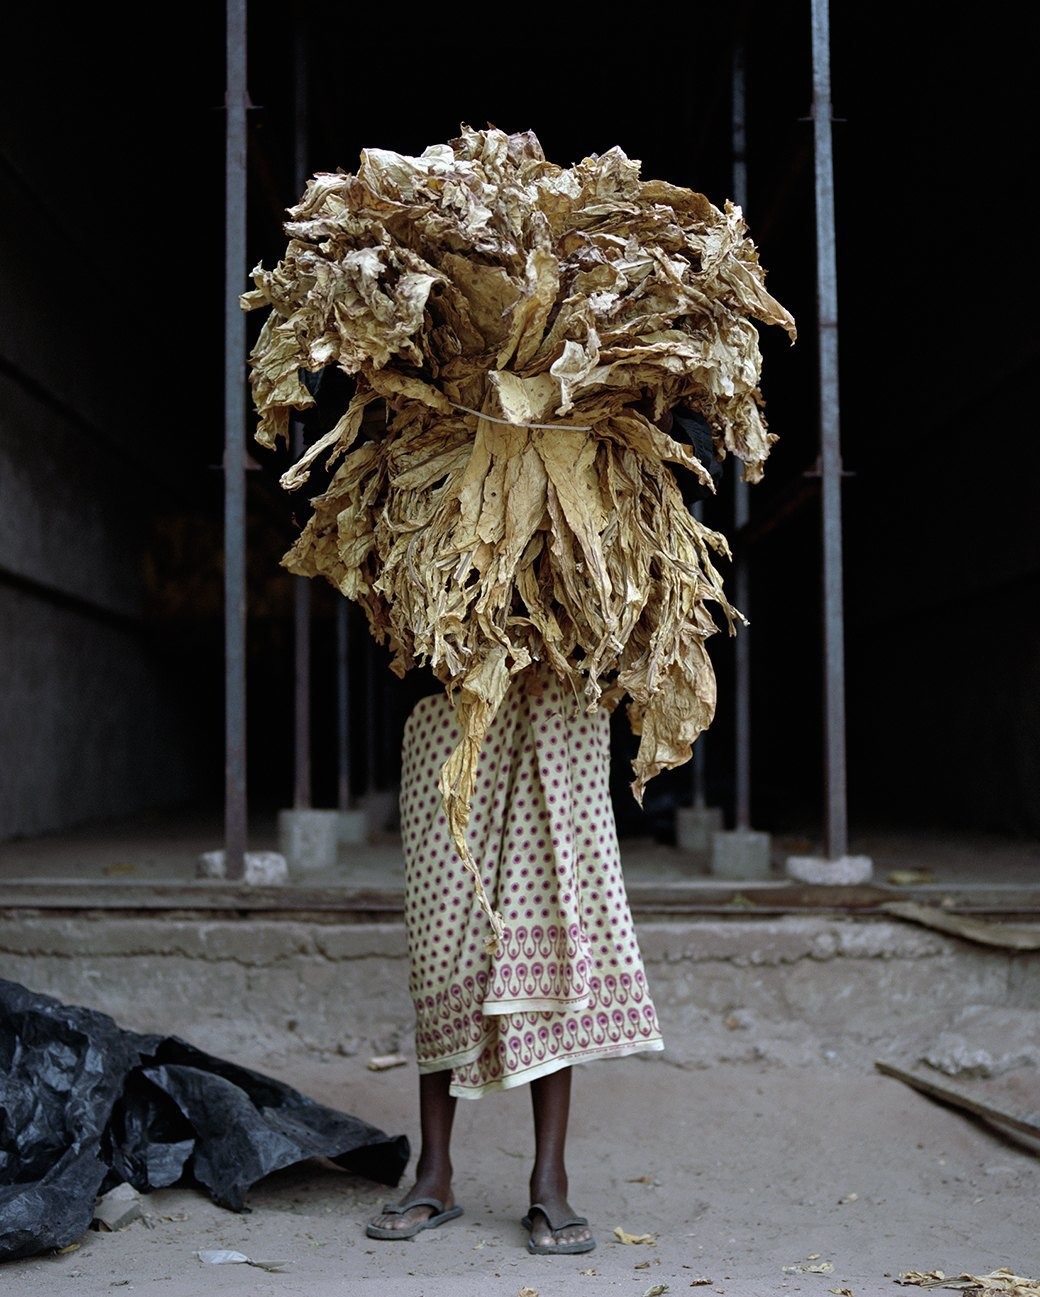 «Местность»: Обезличенный труд африканских крестьян. Изображение № 7.